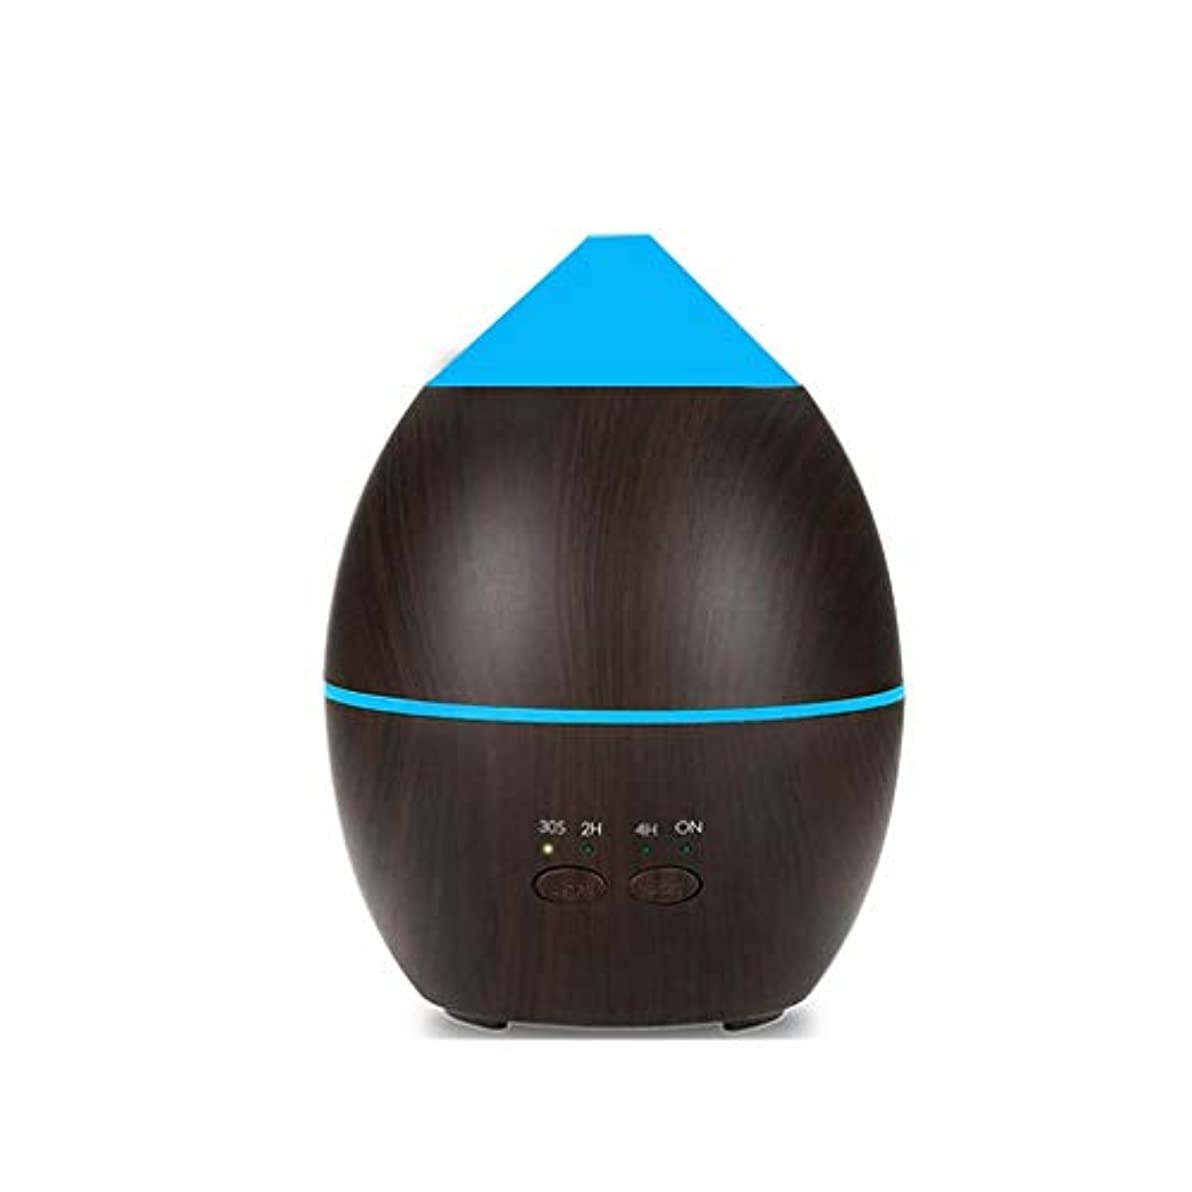 歯科の有害ばかげた加湿器水滴モデル300ミリリットル加湿器リモコンusb 300ミリリットル、木目 (Color : Brown)